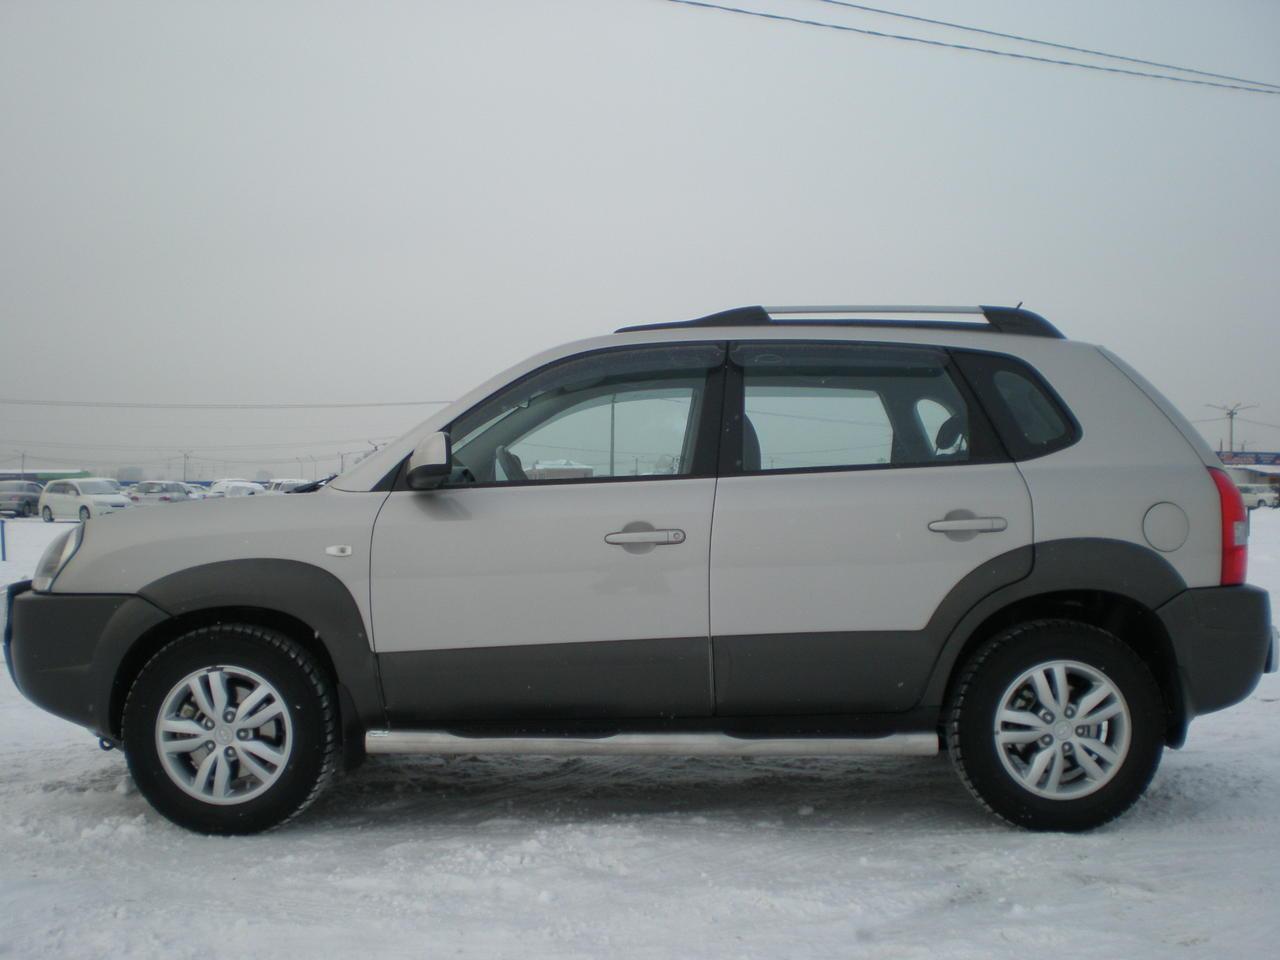 2009 Hyundai Tucson Photos 2 0 Diesel Manual For Sale